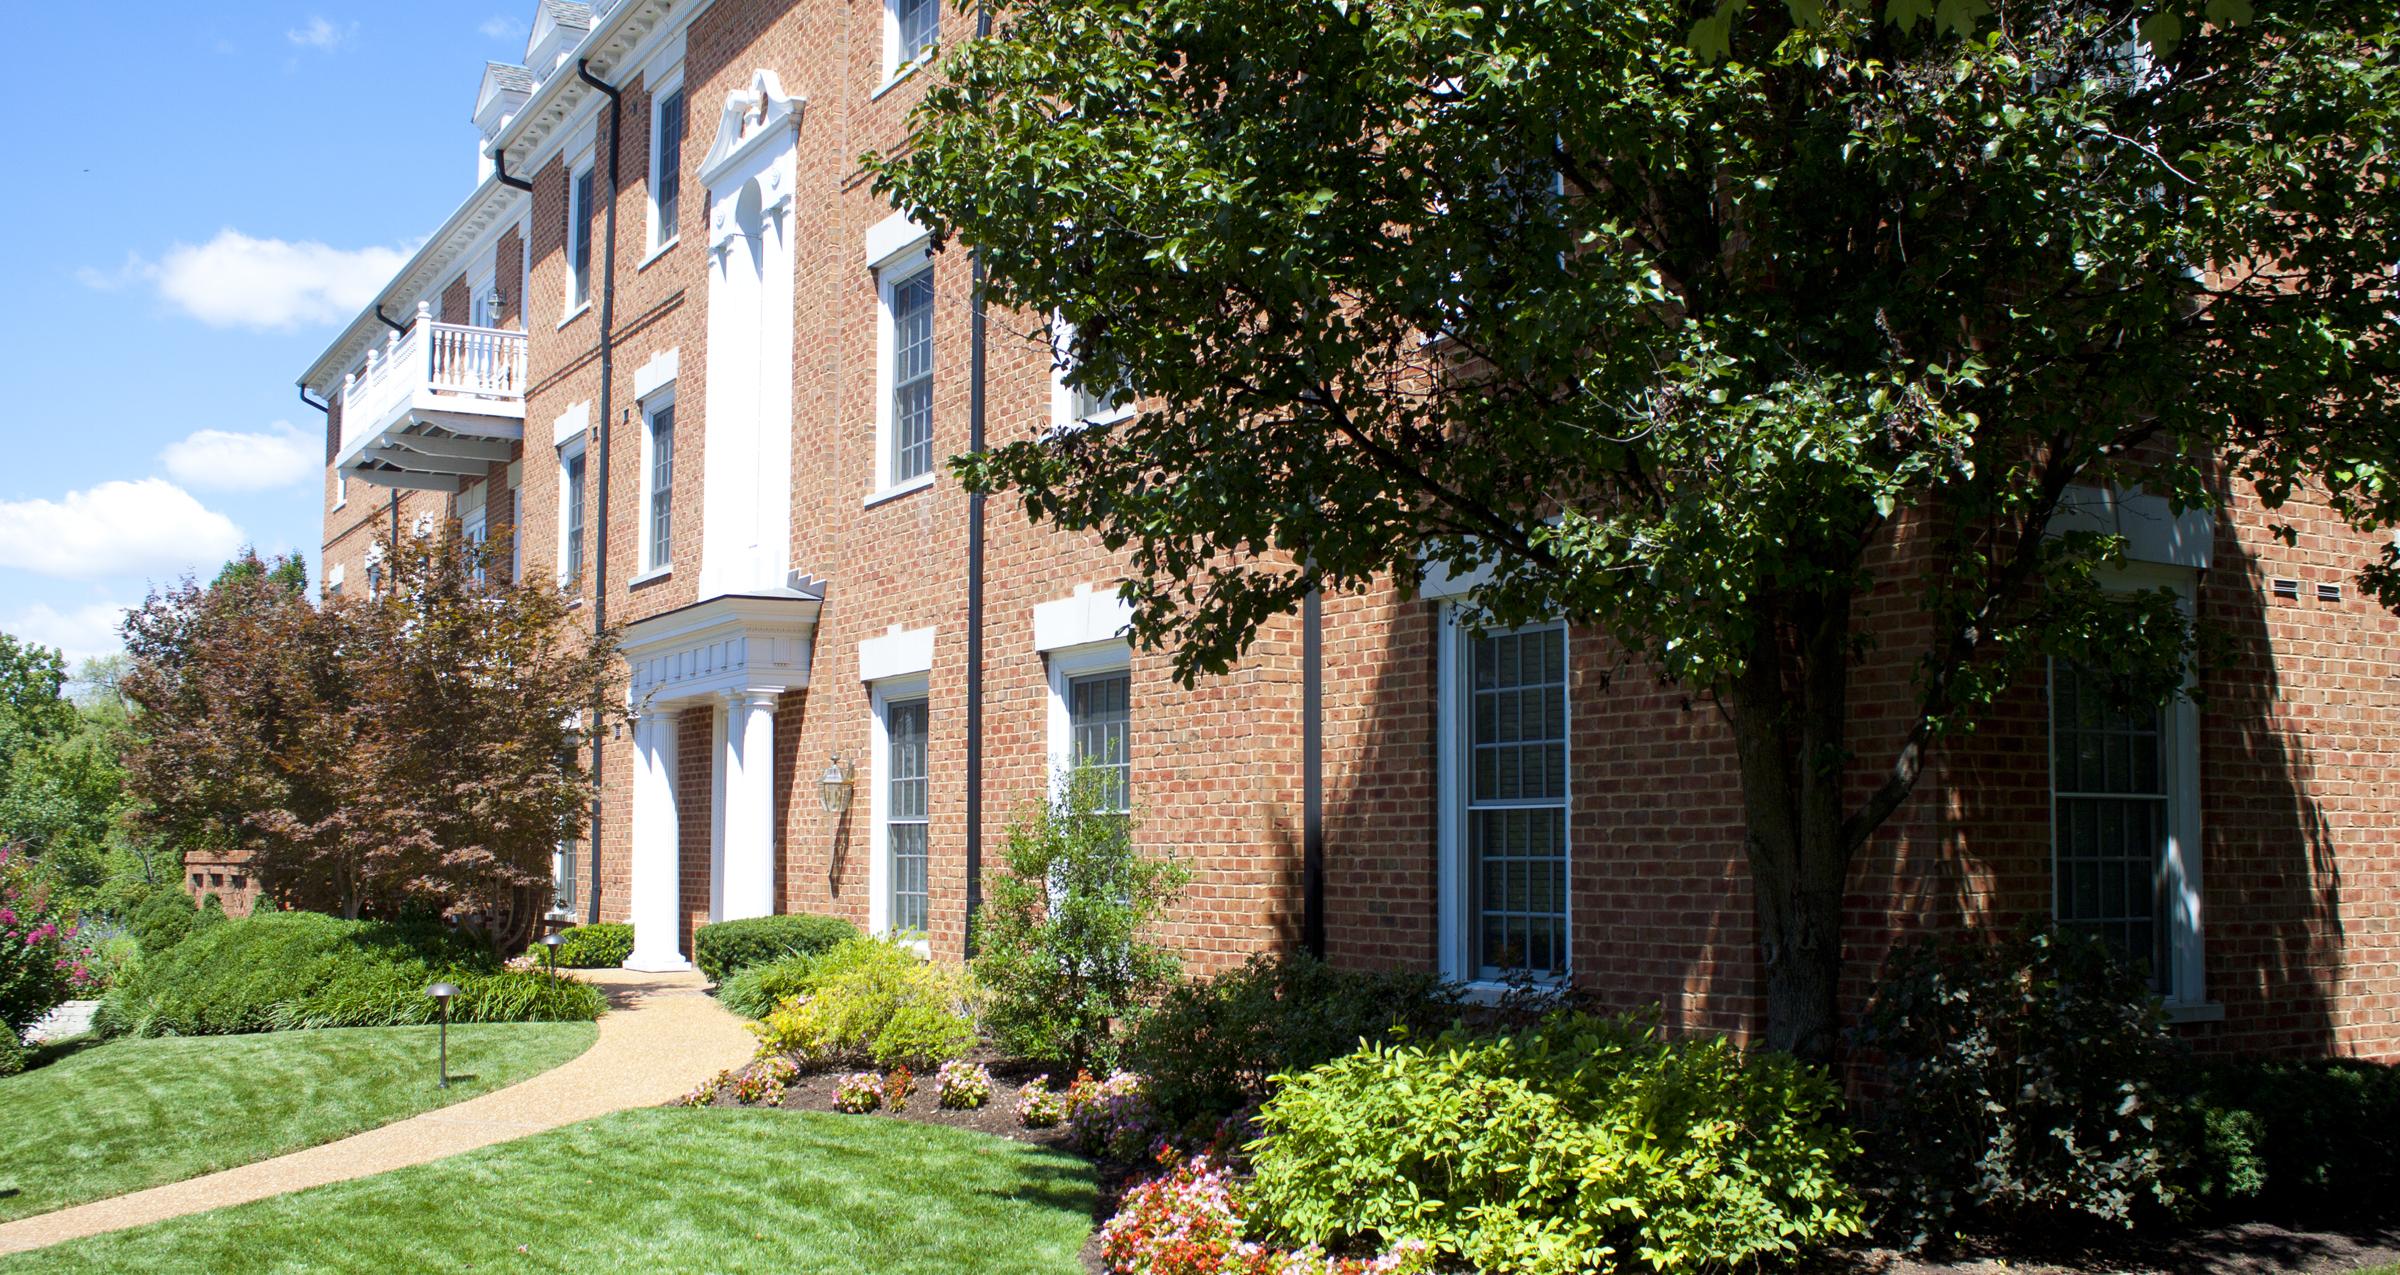 Richmond Place Condos - Clayton, MO